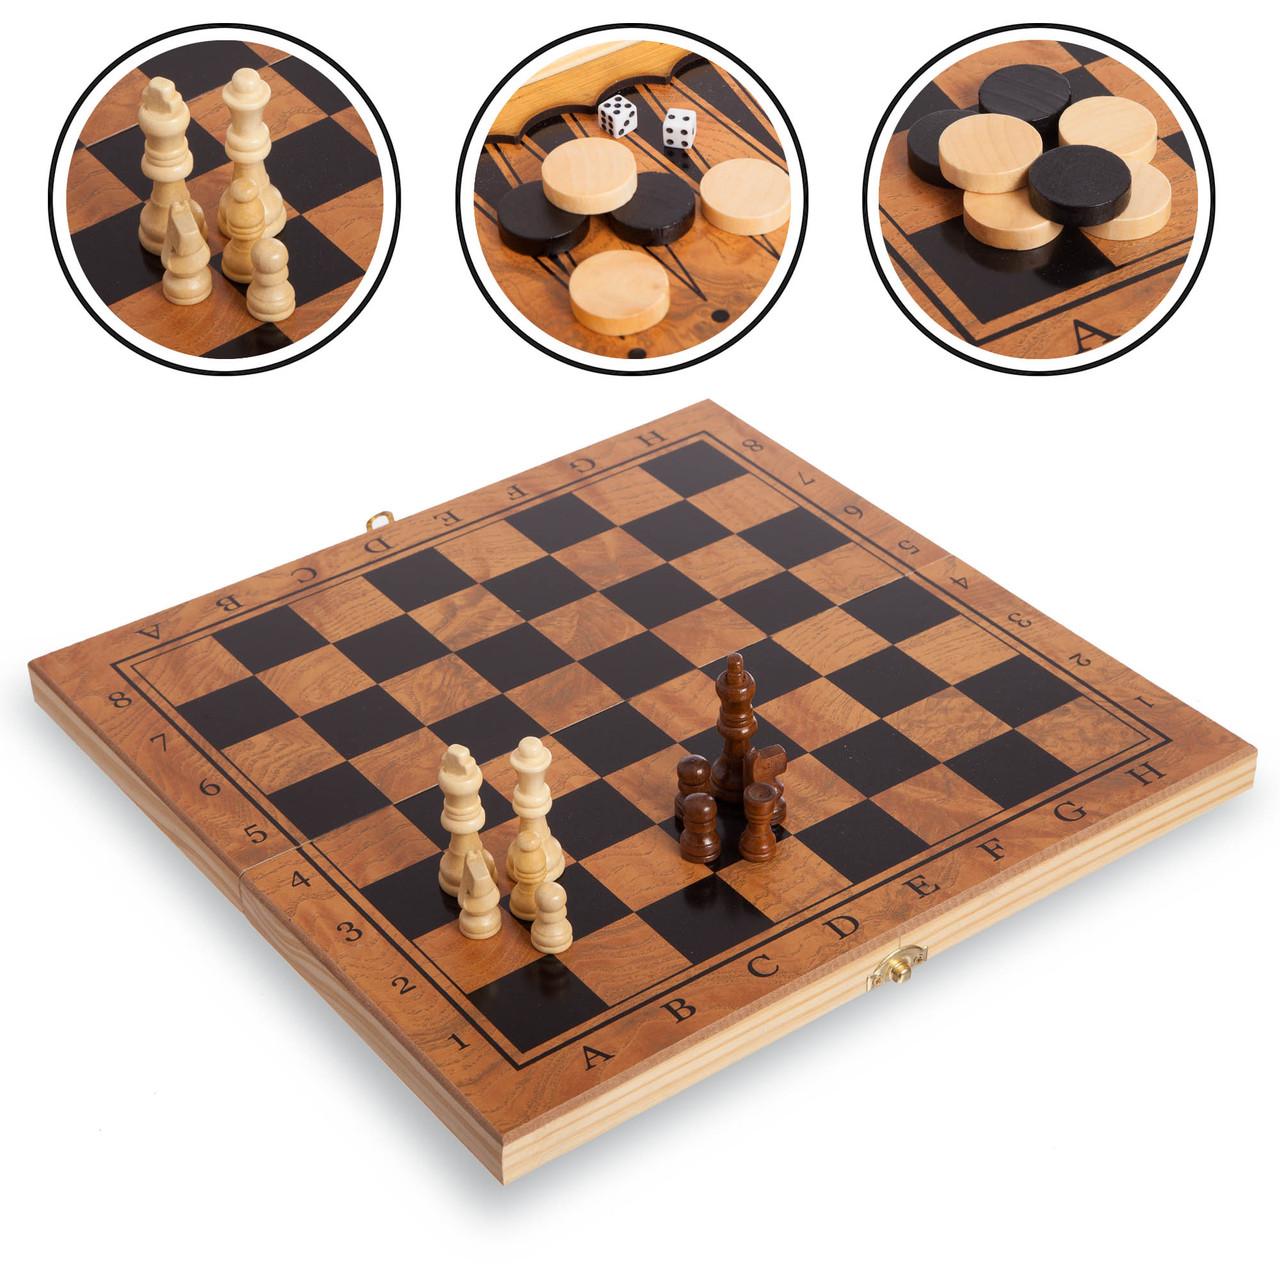 Шахматы, шашки, нарды 3 в 1 деревянные (фигуры-дерево, р-р доски 34см x 34см)